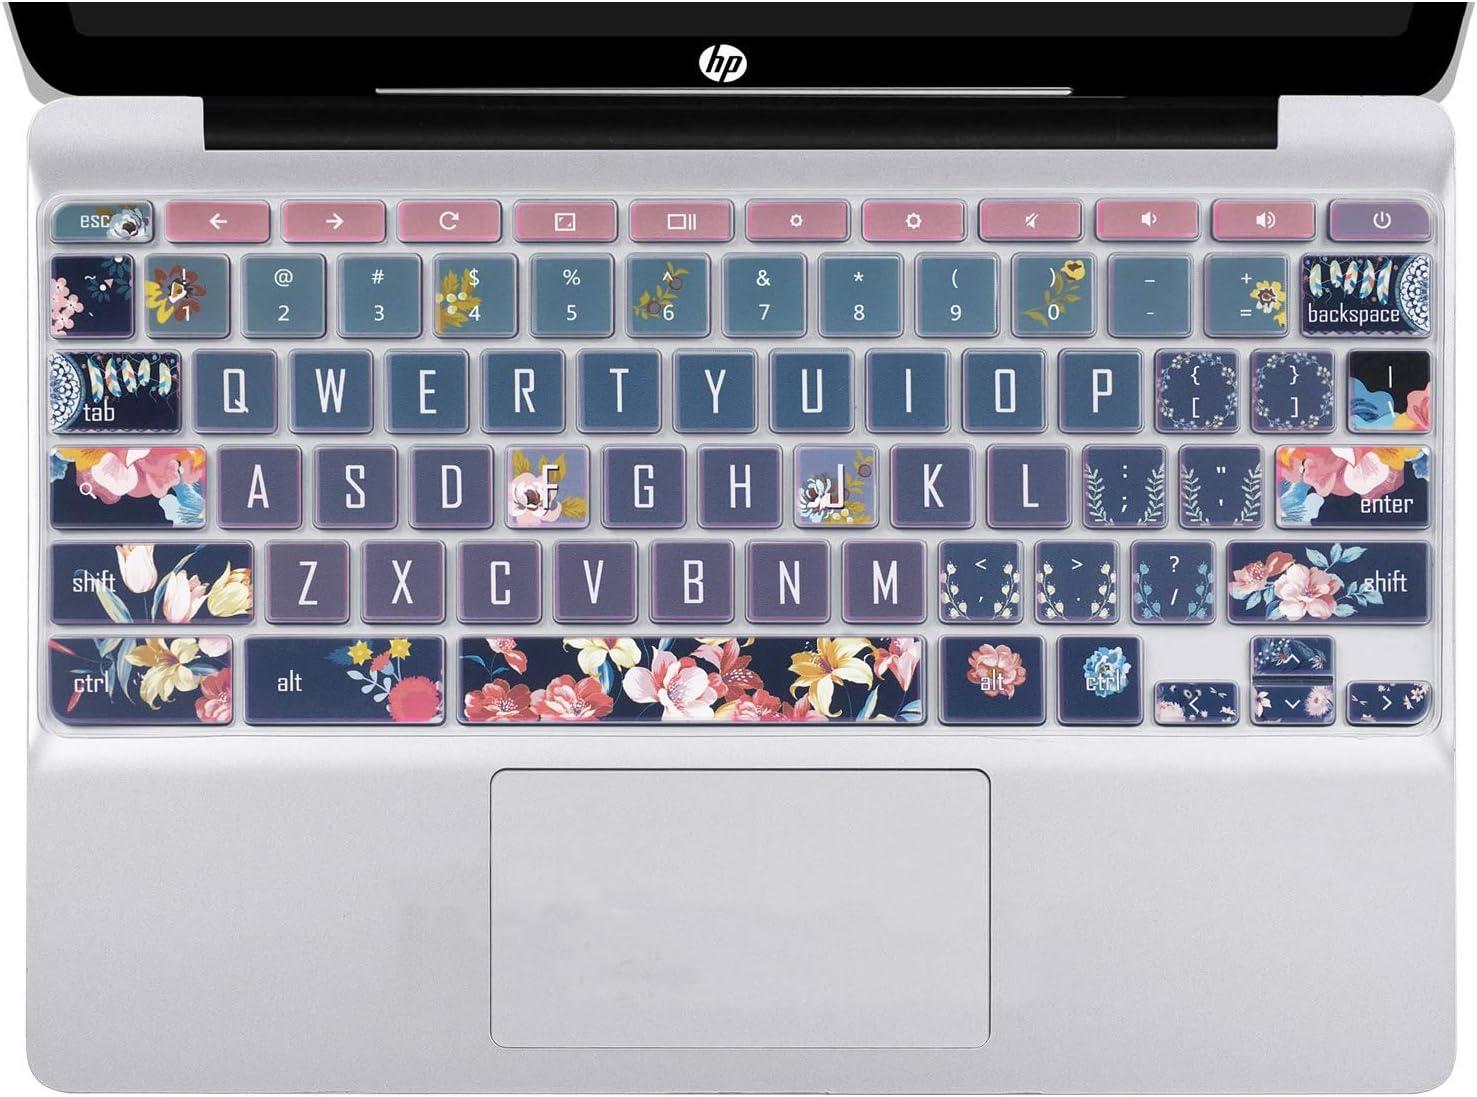 """SANFORIN Silicon Keyboard Cover Skin for HP Chromebook 11 x360 11.6"""", Chromebook 11 G2/G3/G4/G5/G6 EE/G7 EE 11.6'', HP Chromebook 14-ca 14-ak 14-X Series,HP Chromebook 14 G2 G3 G4,Red Flower"""